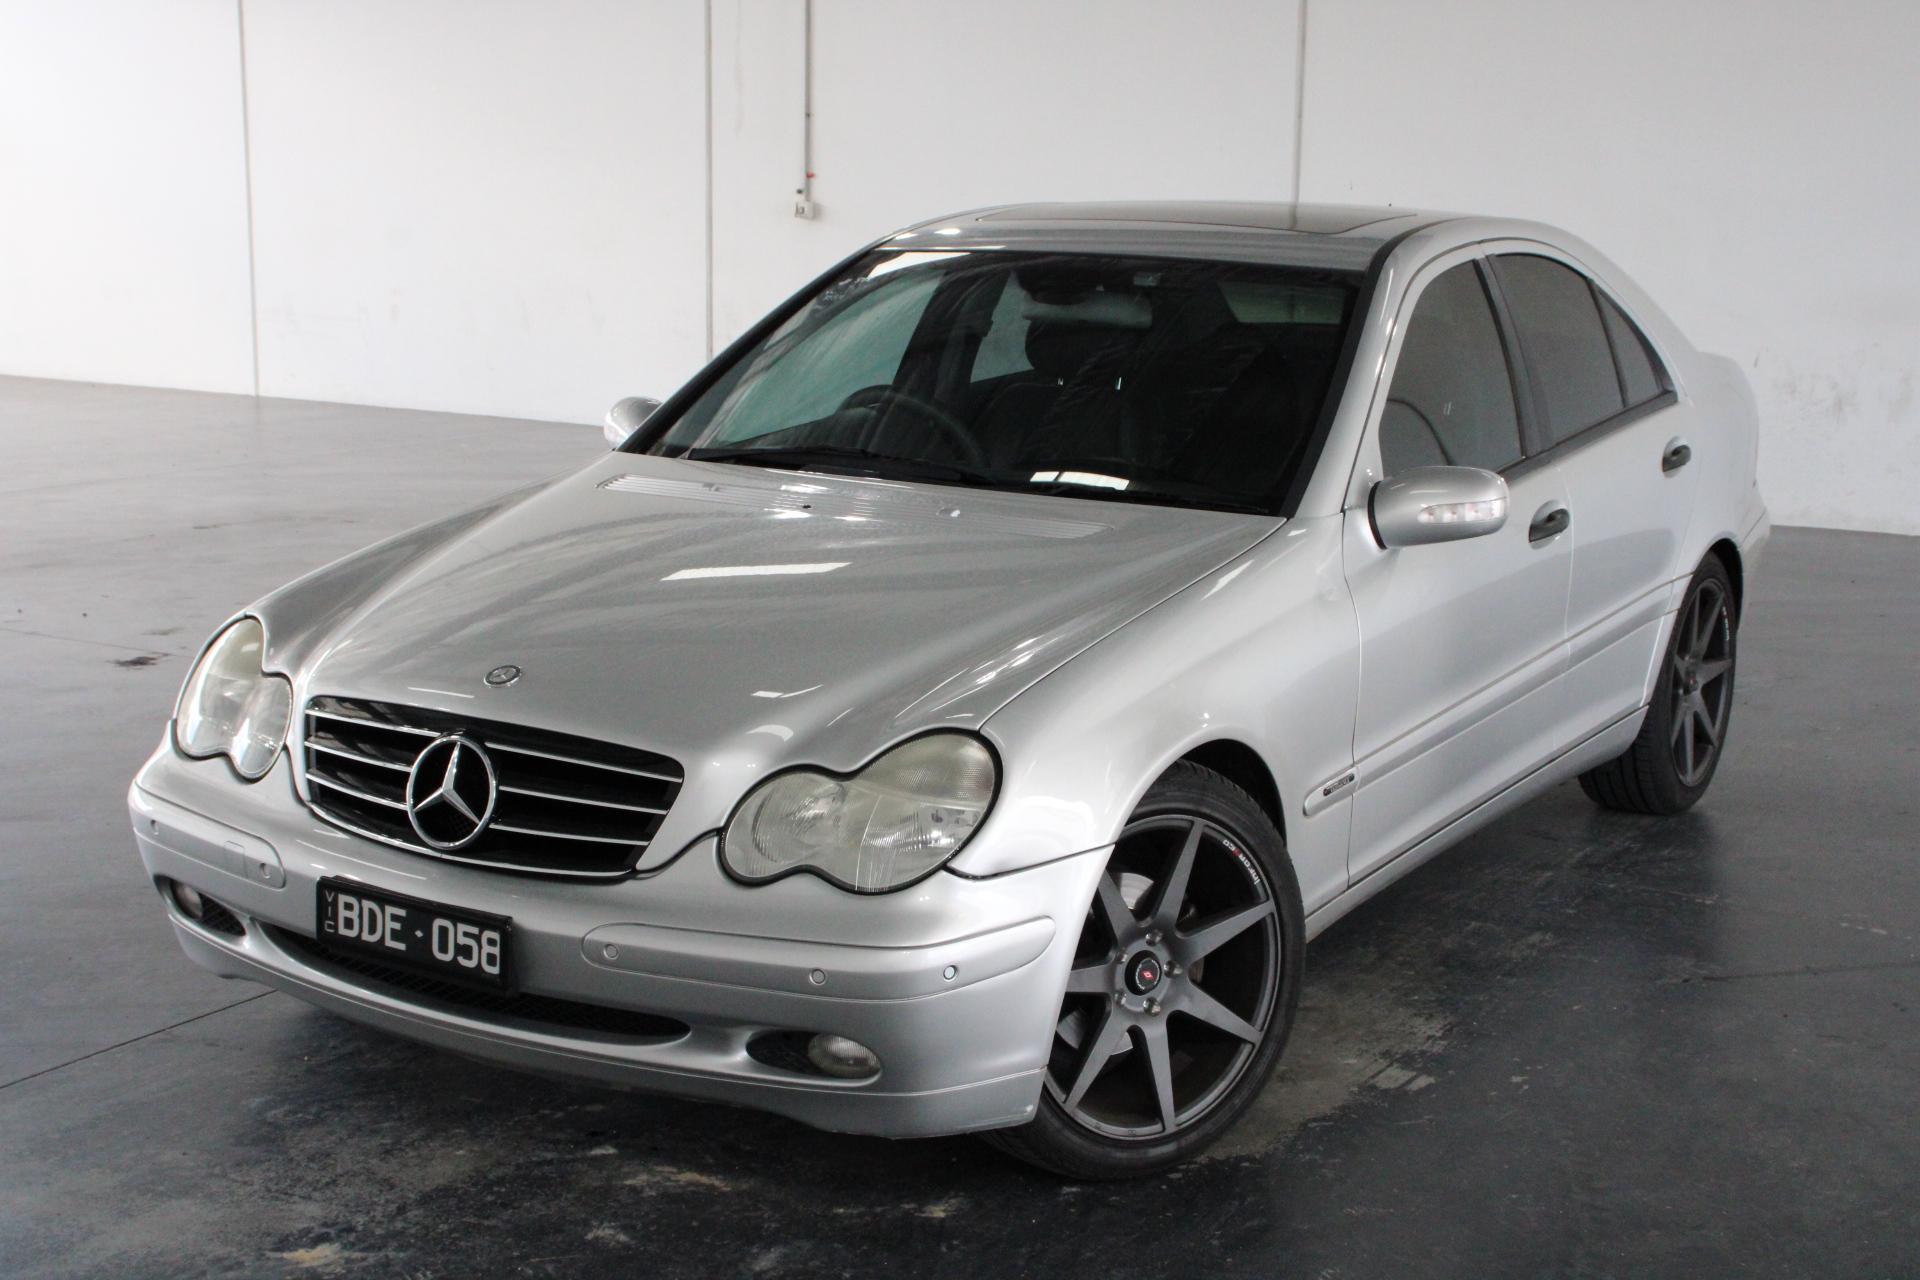 2003 Mercedes Benz C200 Elegance W203 Automatic Sedan